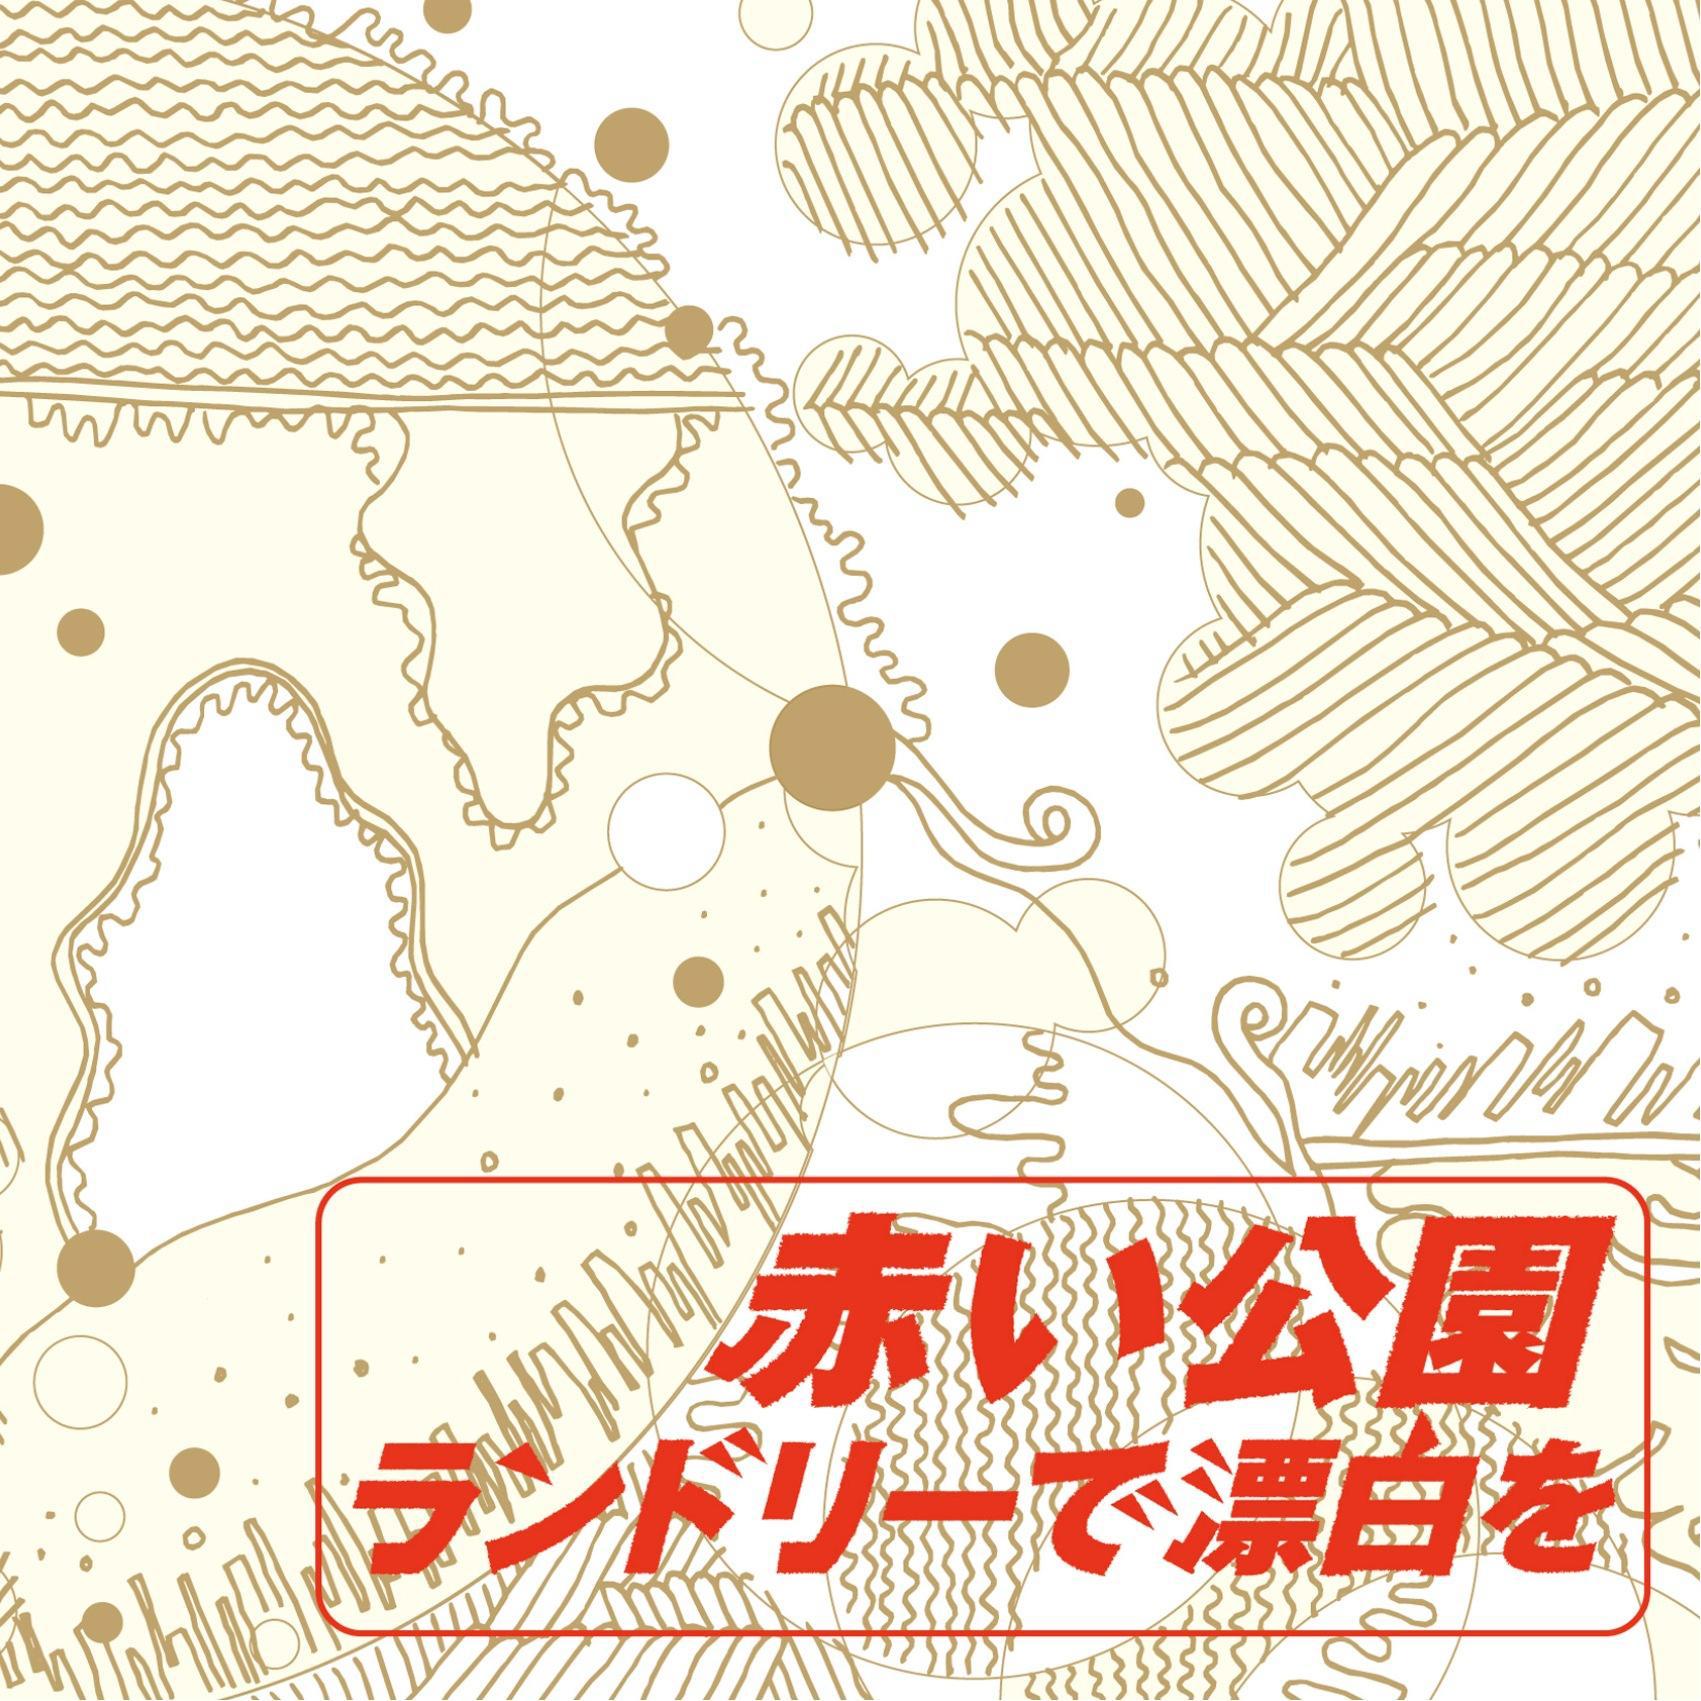 赤い公園 (あかいこうえん) メジャーデビューミニアルバム下盤 (白盤)『ランドリーで漂白を』(2012年5月9日発売) 高画質CDジャケット画像 (ジャケ写)